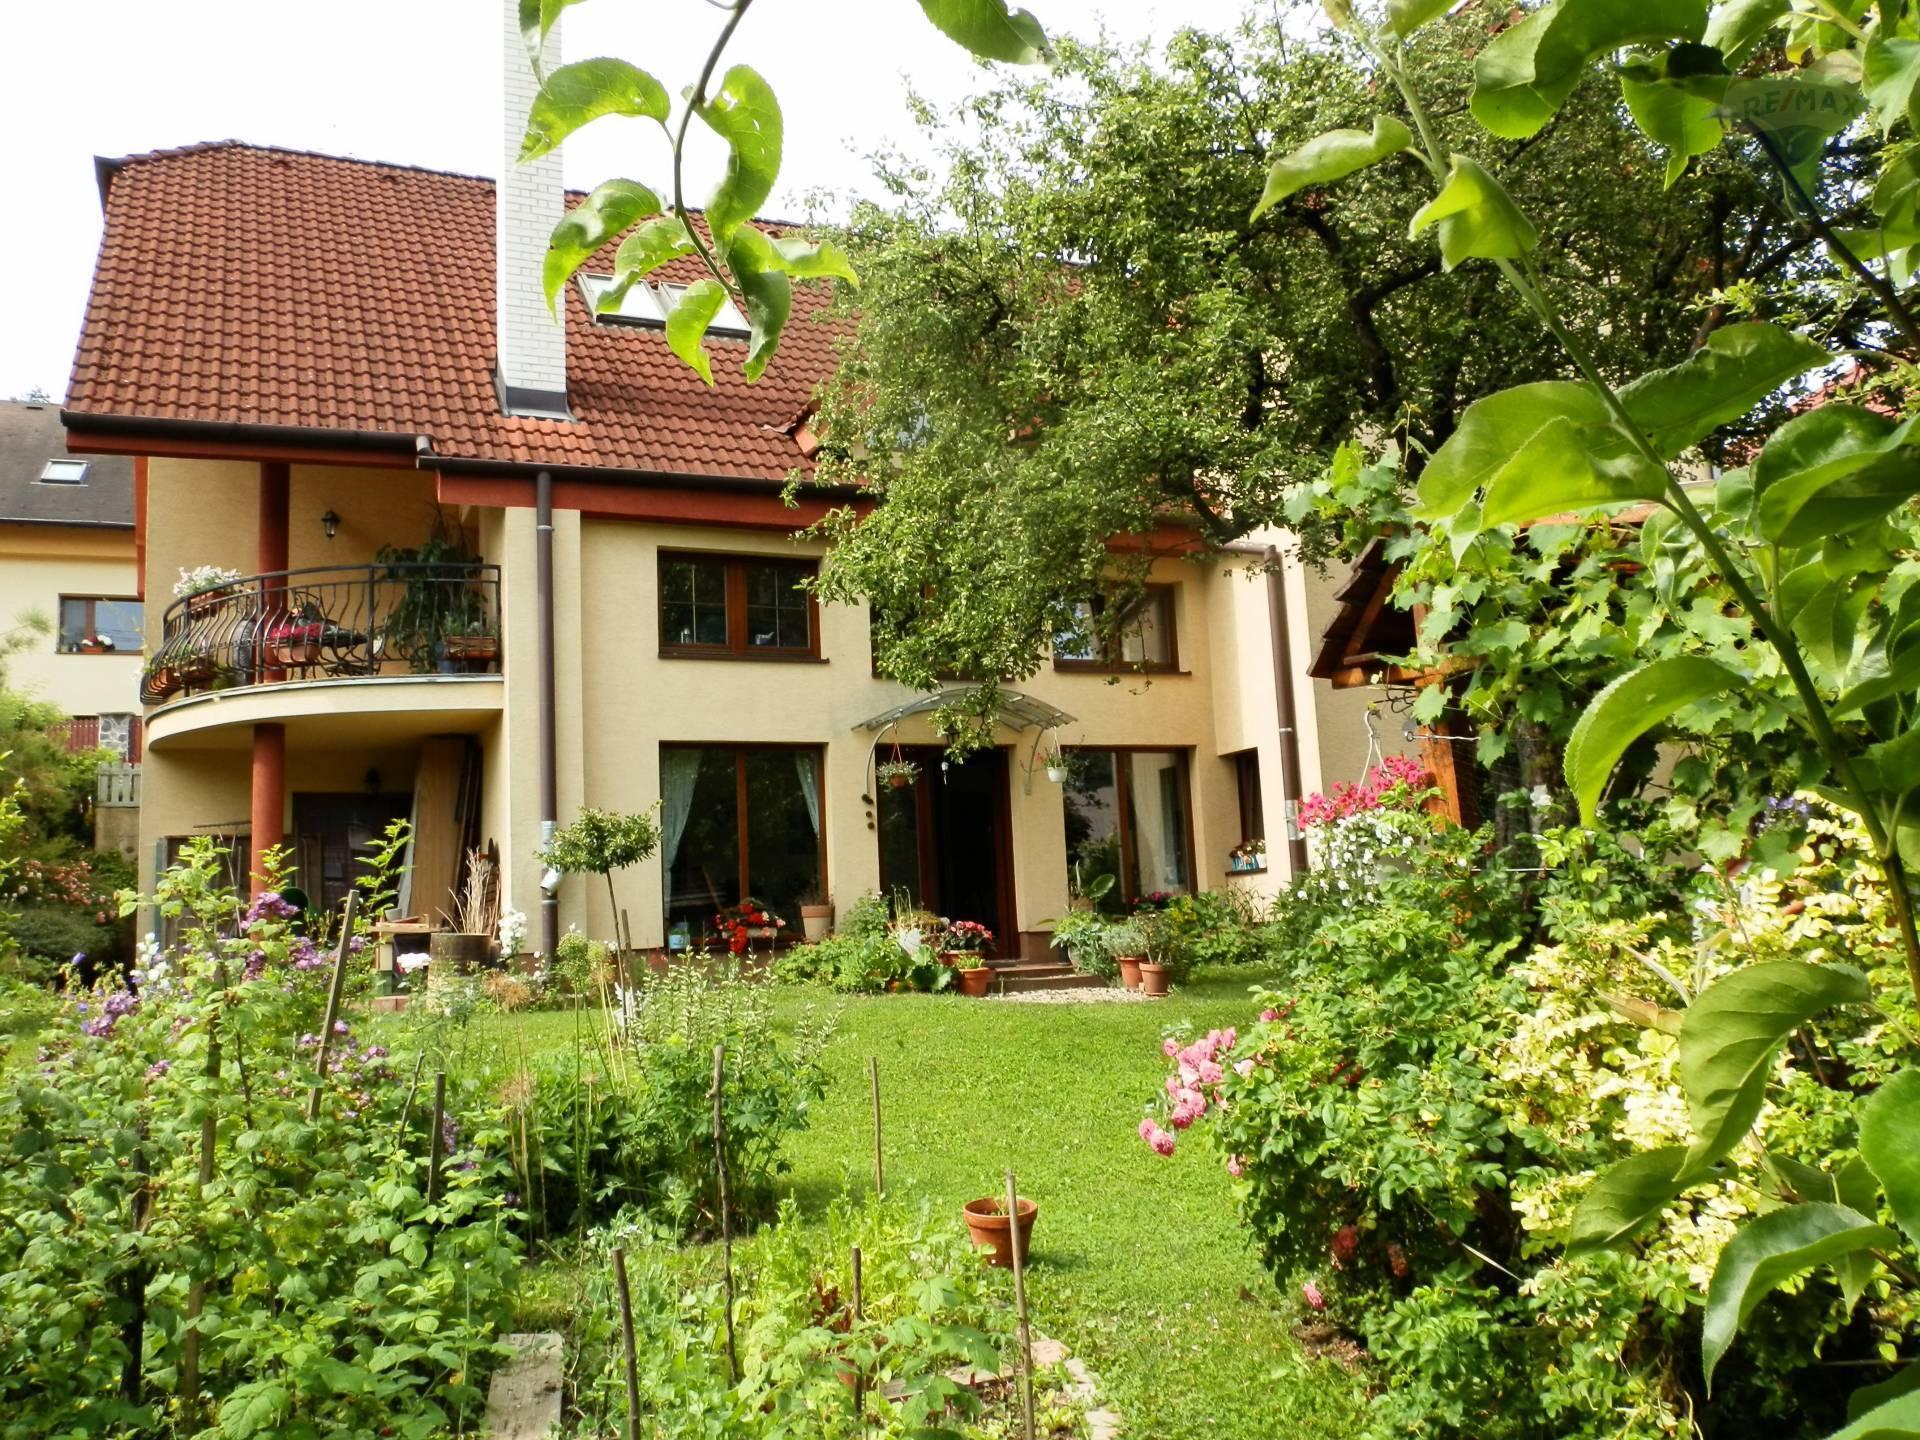 PREDAJ - rodinného domu - Podlavice, Banská Bystrica